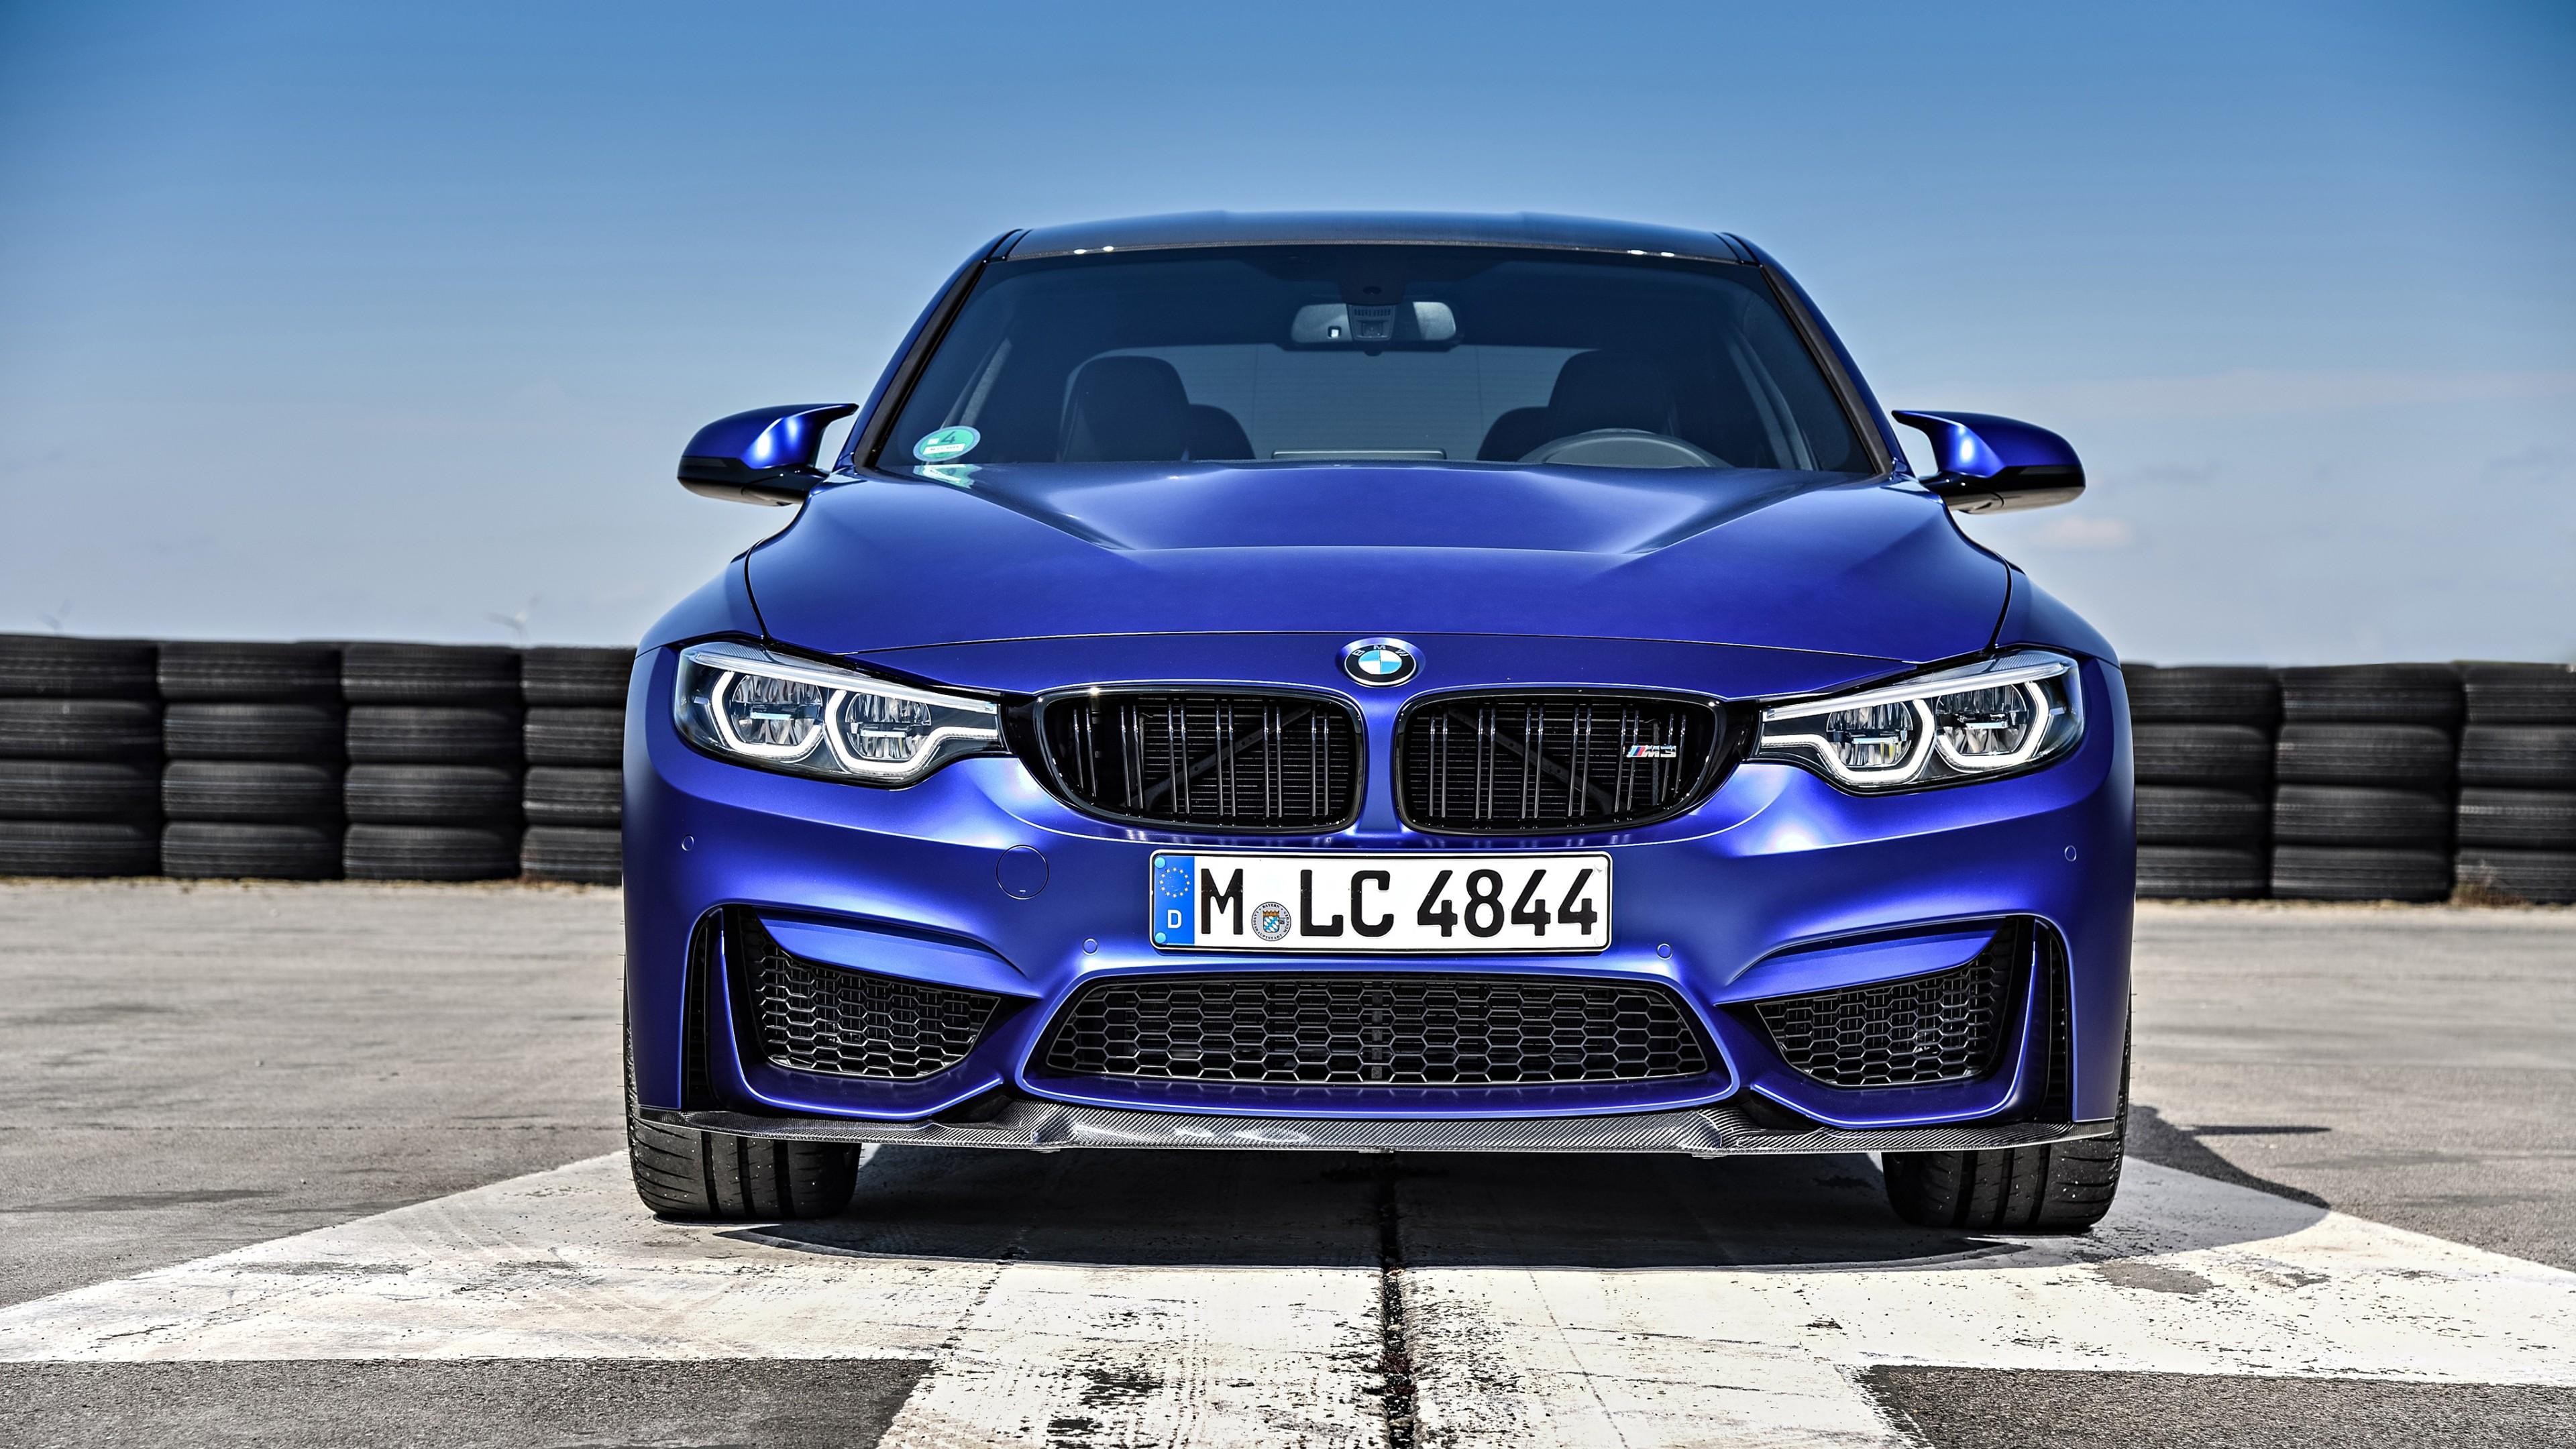 2018 BMW M3 CS 4K Wallpaper | HD Car Wallpapers | ID #10456